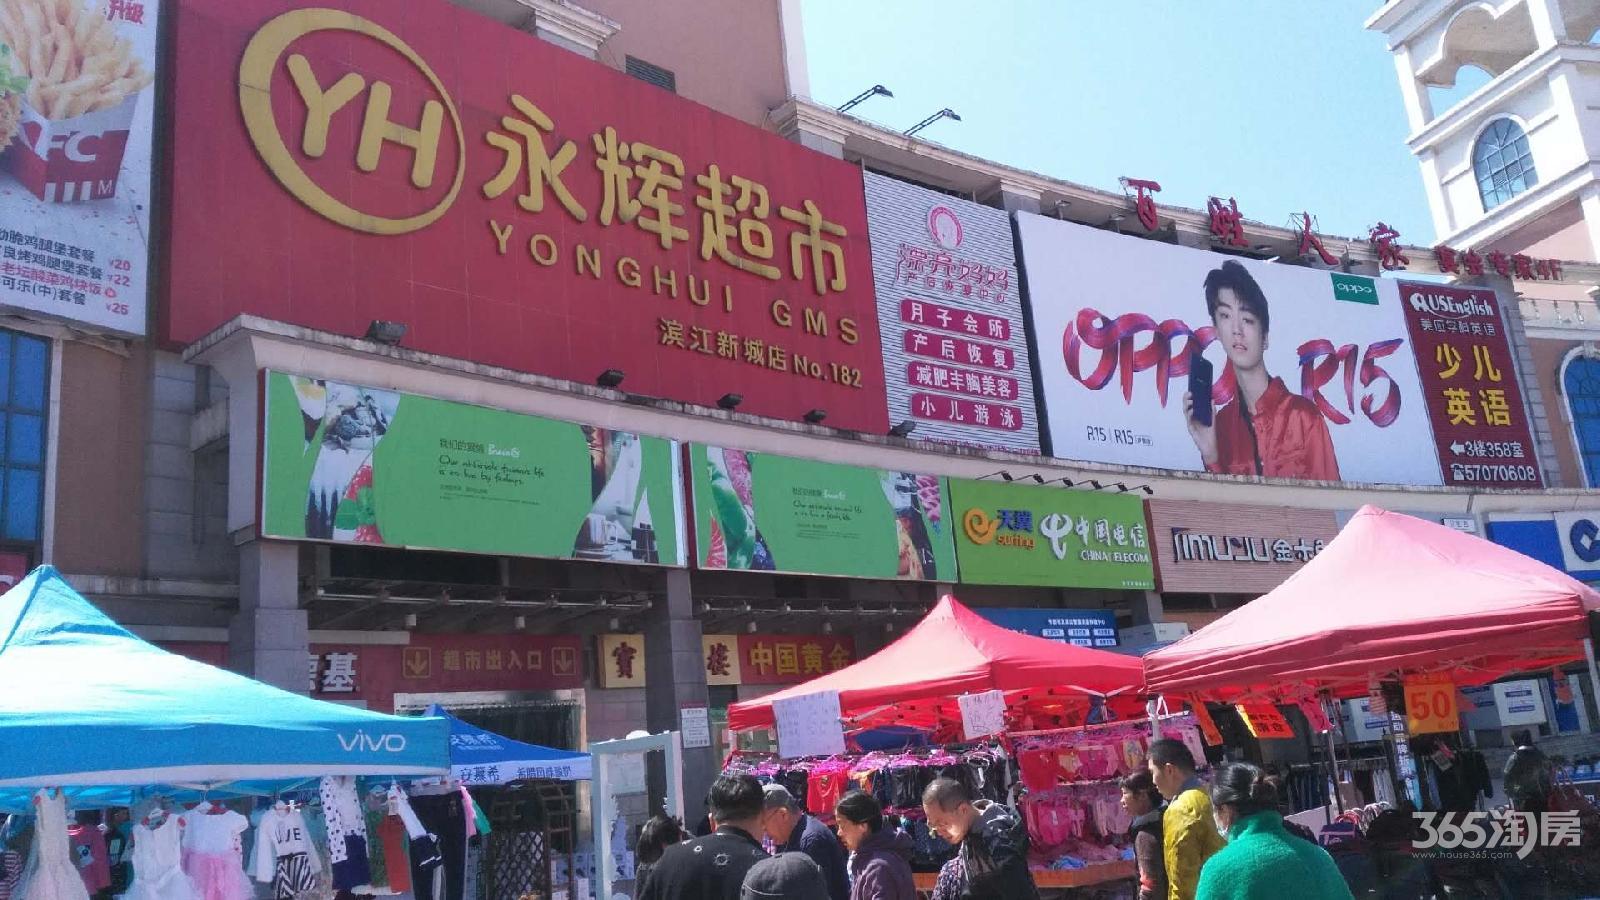 明发金角位置永辉超市楼下商场进出口